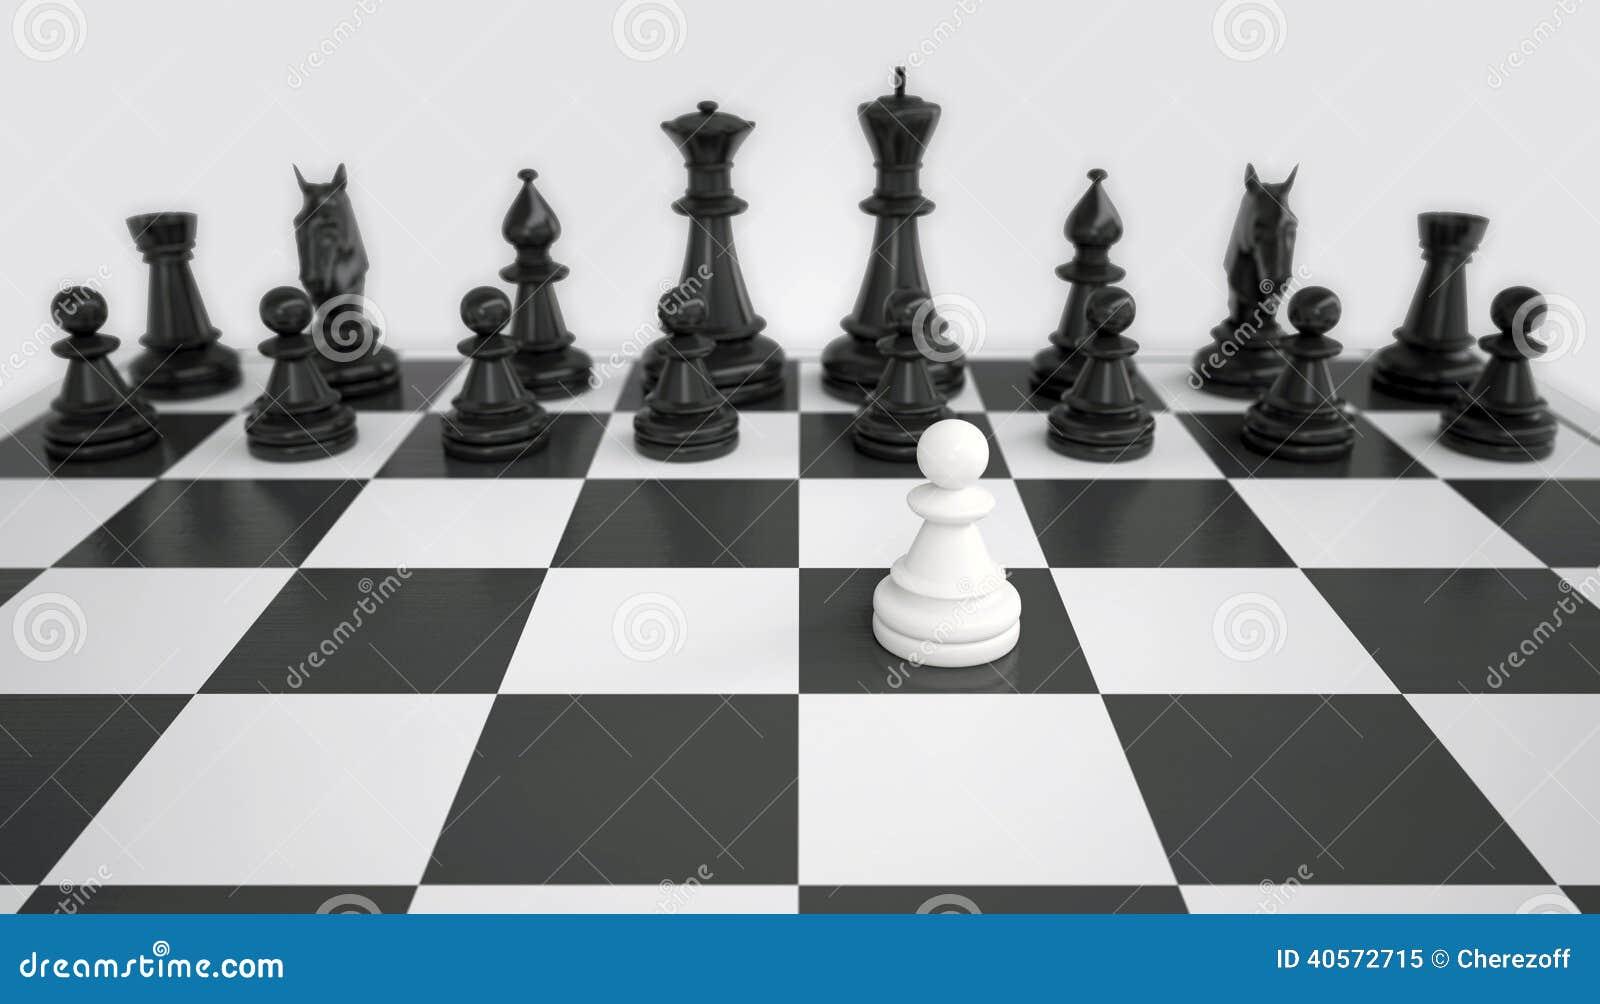 Άσπρο ενέχυρο ενώπιον του στρατού των μαύρων κομματιών σκακιού